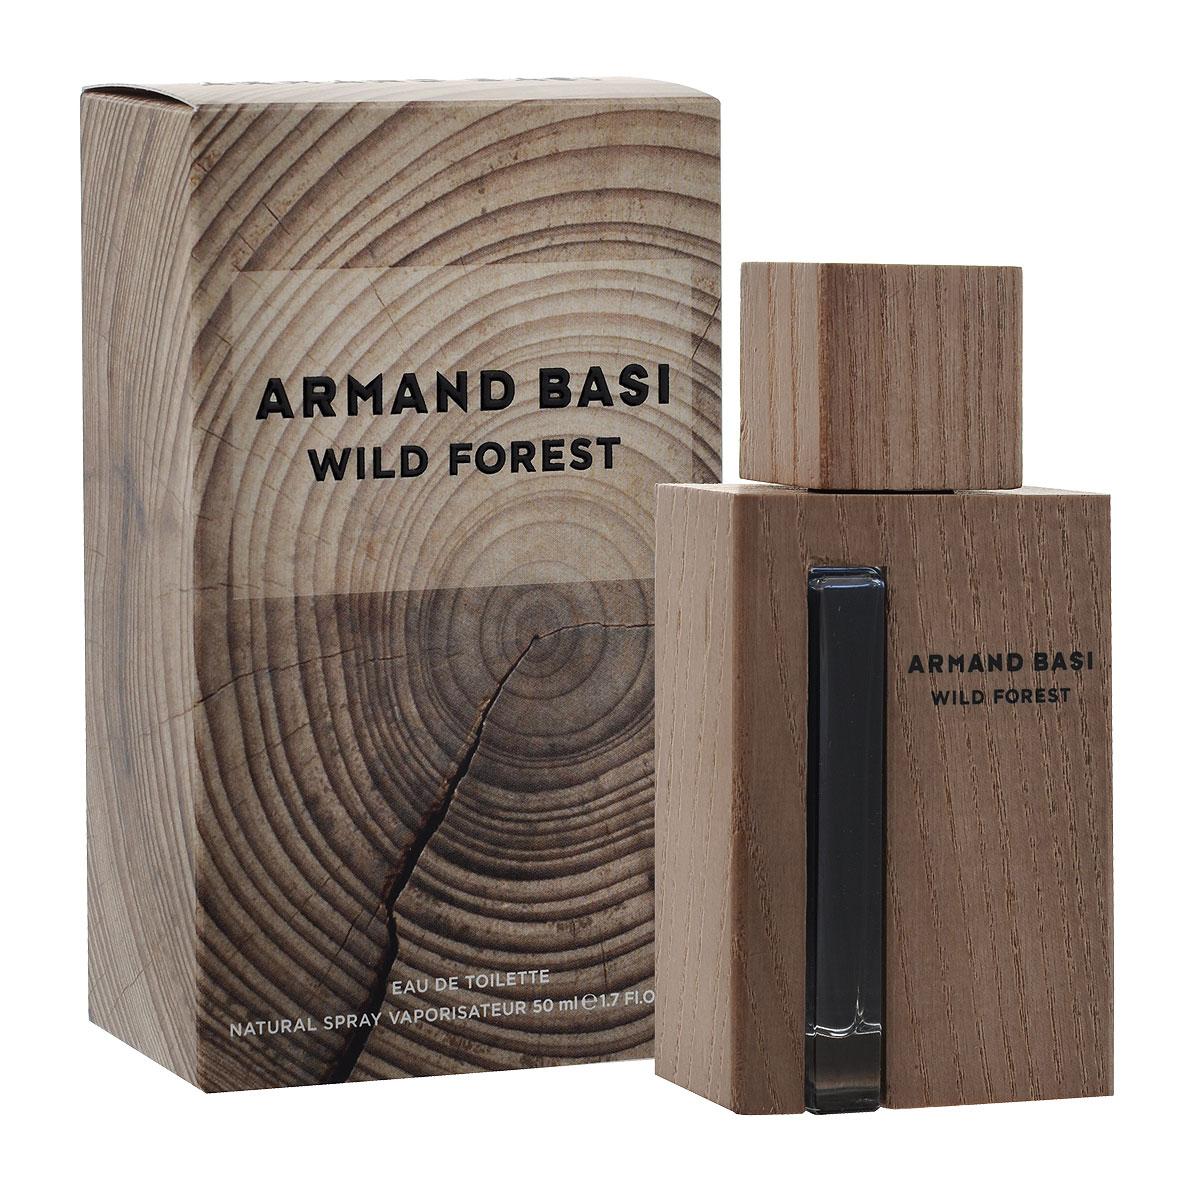 Armand Basi Туалетная вода Wild Forest, мужская, 50 мл48574Wild Forest - новый мужской аромат от Armand Basi, созданный благодаря вдохновению от самого благородного элемента: дерева. Природа прекрасна и непредсказуема. Она несет в себе жизнь. И дерево лучшее доказательство этого ее качества. Мужчина Armand Basi обладает естественной элегантностью, которая проявляется через его отношения с природой. Он прекрасно знает, что все природное безупречно по определению и видит воплощение этой природной, натуральной и несовершенной красоты в дереве.В мире стрессов Wild Forest - его островок, место, где мужчина может обрести себя и освободить свою настоящую, дикую сторону личности. Это может быть лес, это может быть комната, но в первую очередь это место находится в его сознании. Личный теплый, персональный оазис.Неправильная форма дерева, рисунок его внутренних колец, проявляющийся с годами, цвет, вызванный воздействием света, текстура, меняющаяся под воздействием климатических условий, трещины на его поверхности, - все это вместе создает характер благородного материала, также как жизнь дает спонтанный характер молодым людям, и спокойный - пожилым. Wild Forest создан для мужчины без возраста, который, как и дерево, извлекает лучшее из каждой стадии своего взросления.Древесина - материал многогранный и пластичный, легко адаптируемый к современной жизни в большом городе и используемый ежедневно и повсеместно. Таким образом, превращенная в современный объект, она являет собой связь между городом и природой. Древесина, благодаря своему благородному происхождению, объединяет традиции и качество. Это теплый и современный материал, элегантный, прекрасный и вечный. Armand Basi Wild Forest - это одновременно классический, и современный Аромат, такой же, как и мода от Armand Basi. Аромат, который переносит Вас из города в лес.От природы до шума большого города. Сила и мощь благородного дерева - праздник несовершенной красоты Природы и аутентичности всего естественного.Элегантный и сде